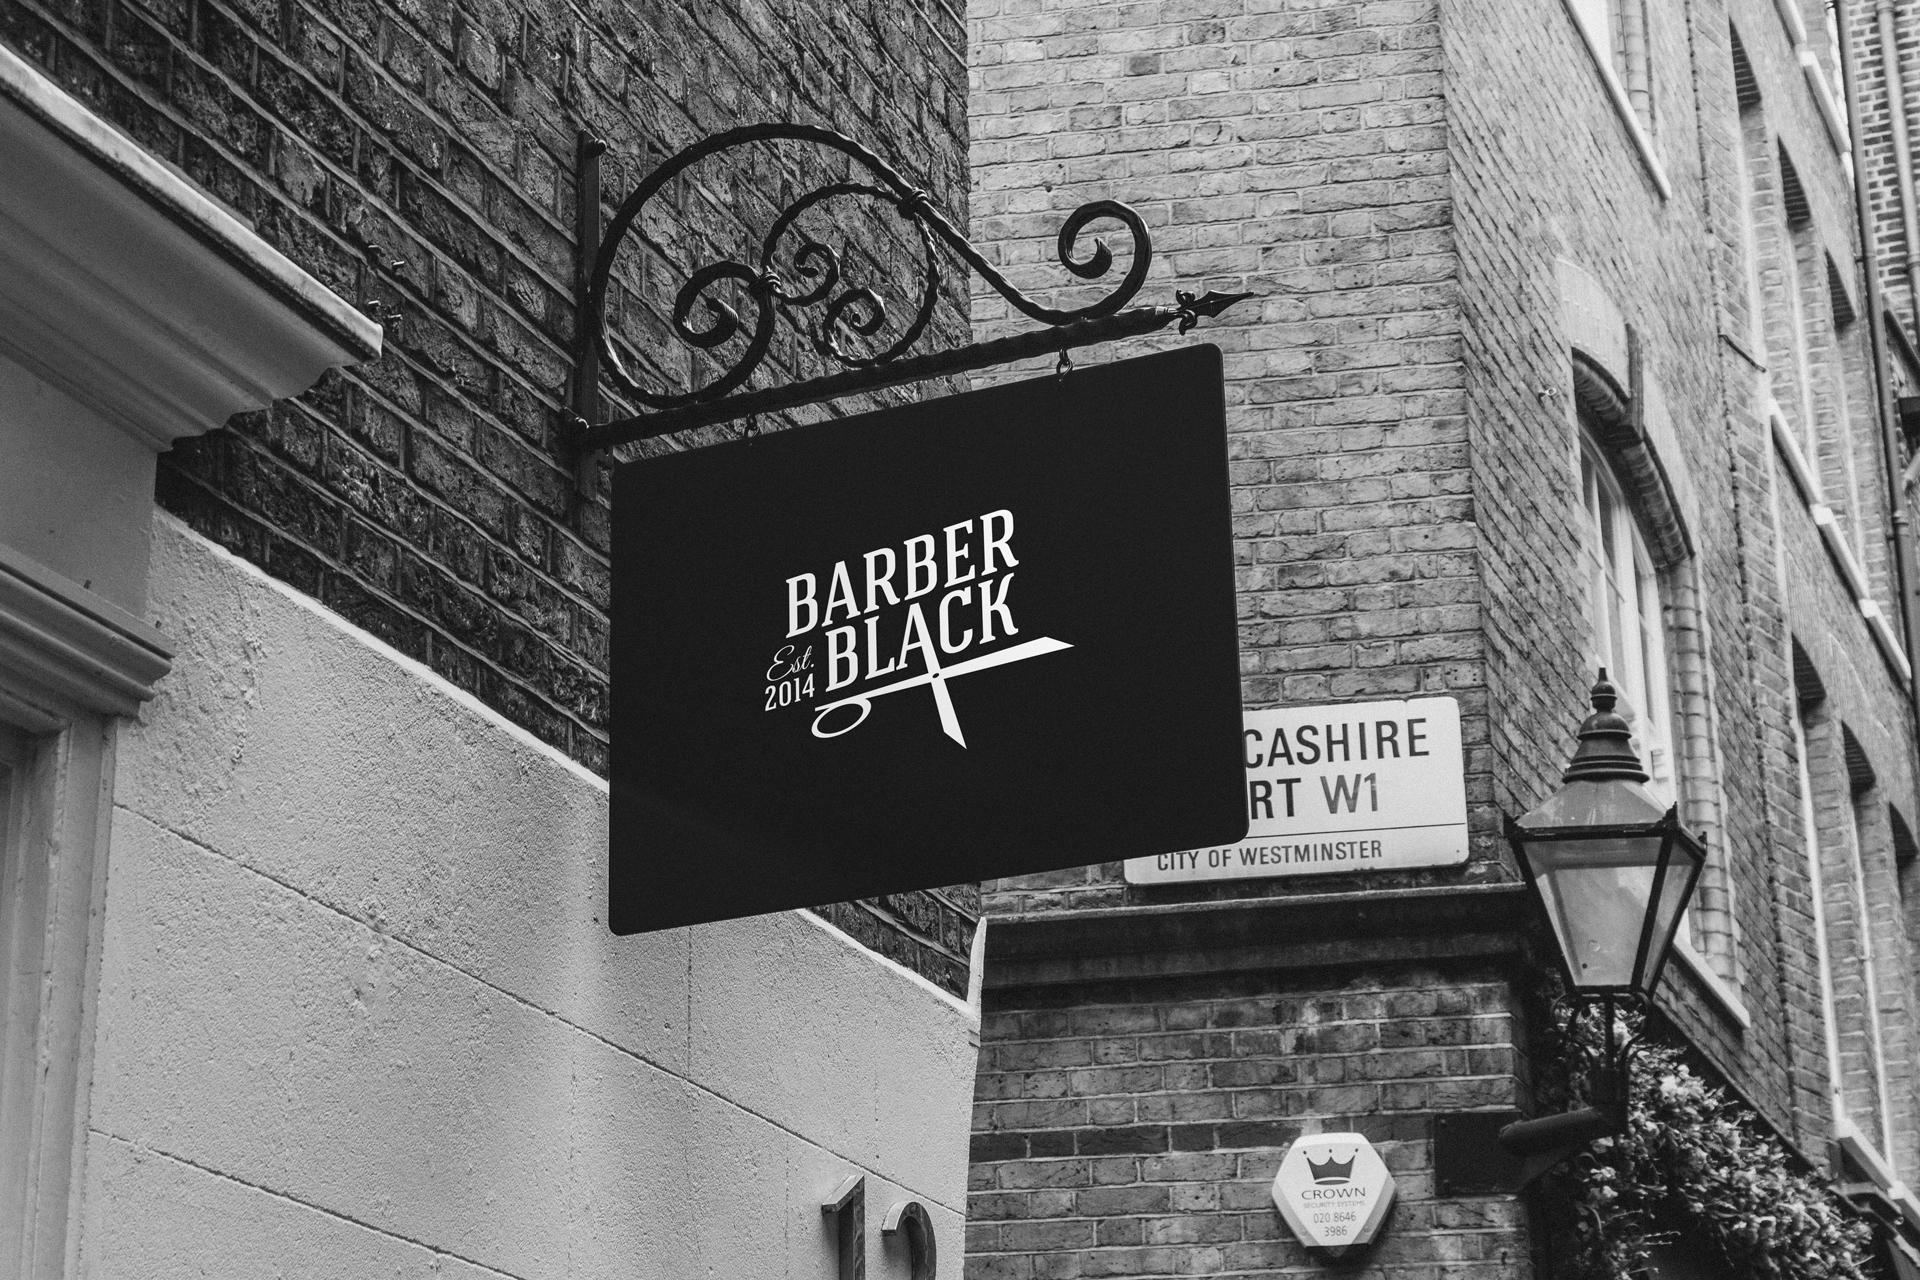 barber-black-signage.jpg